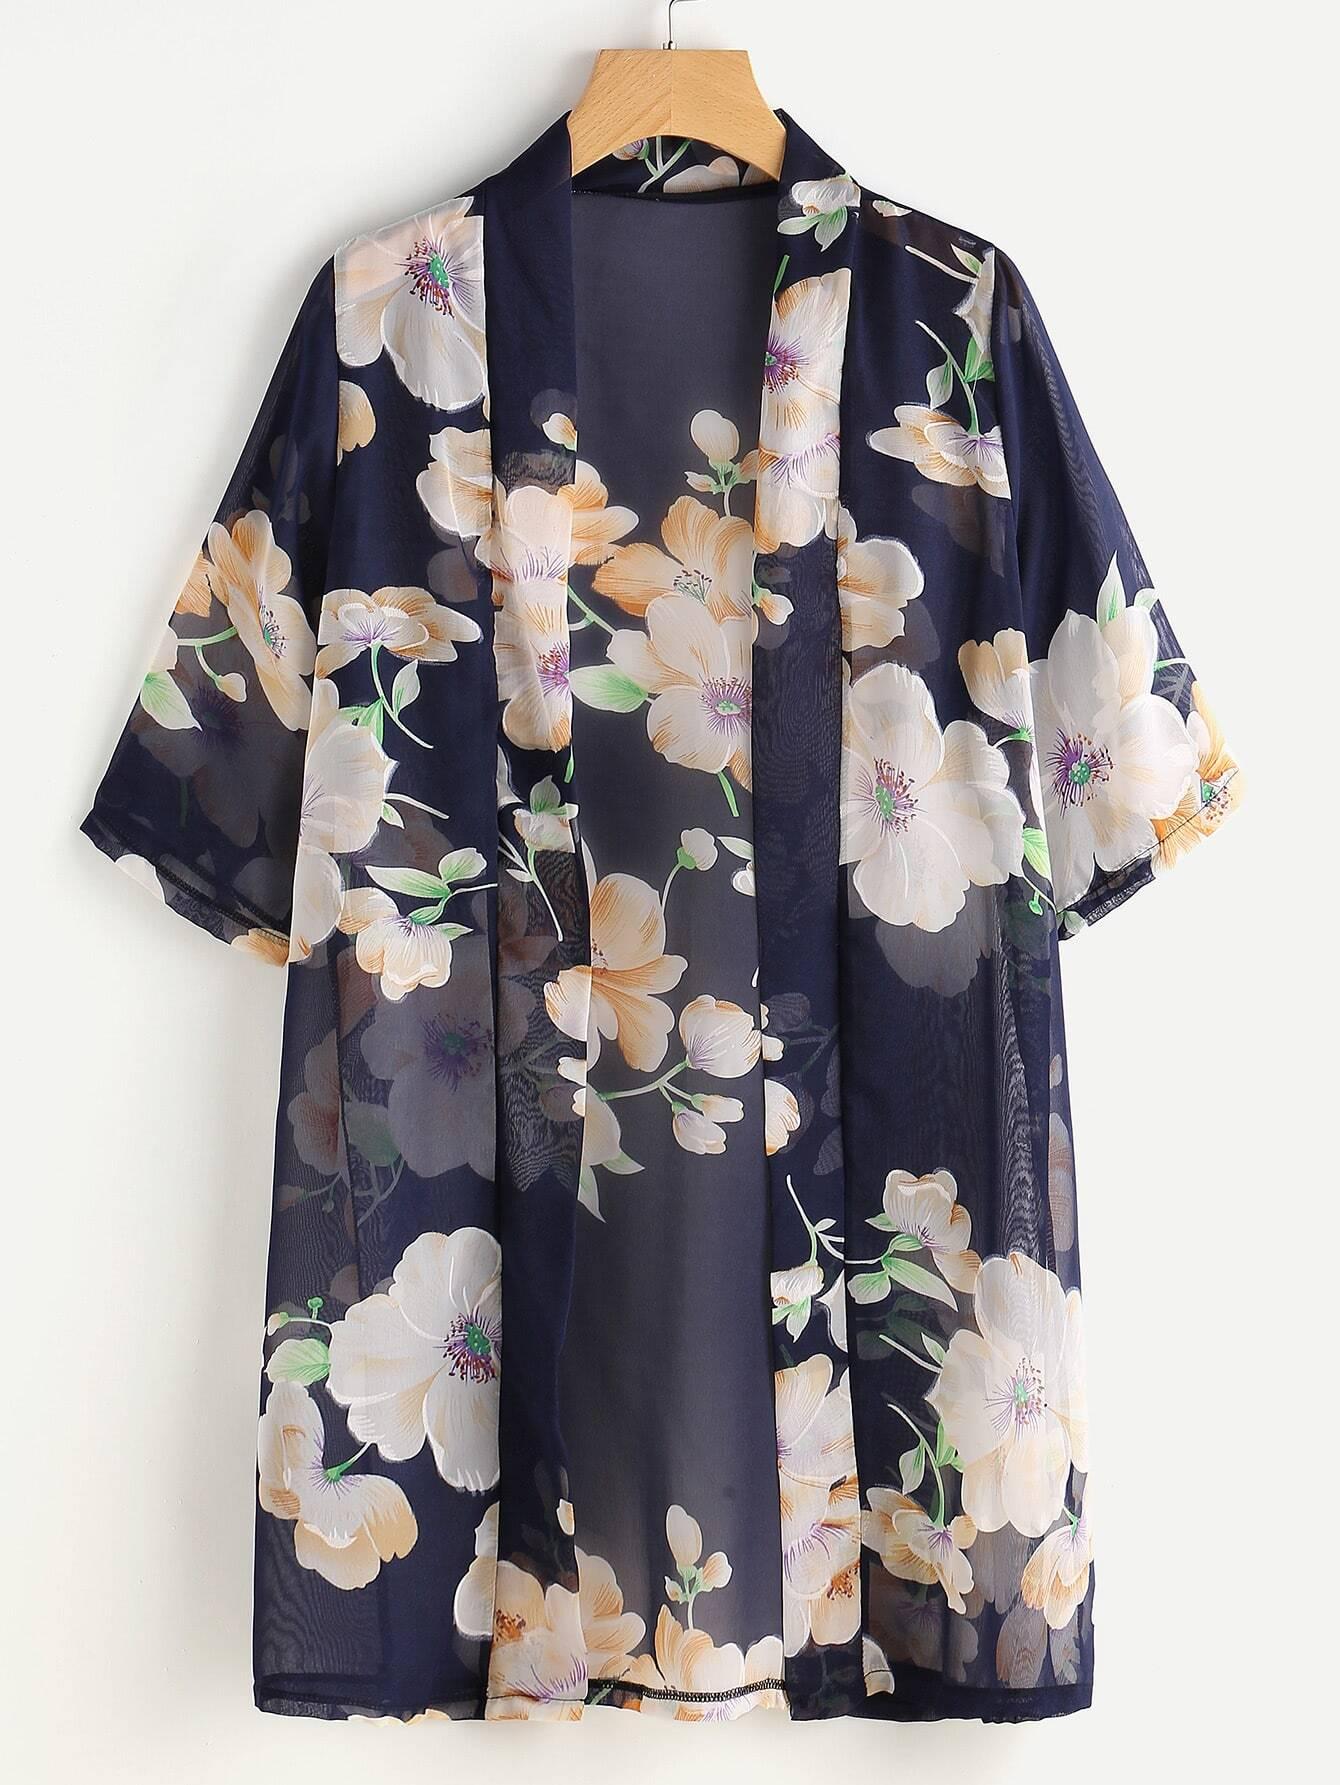 Random Florals Chiffon Kimono Shein Sheinside